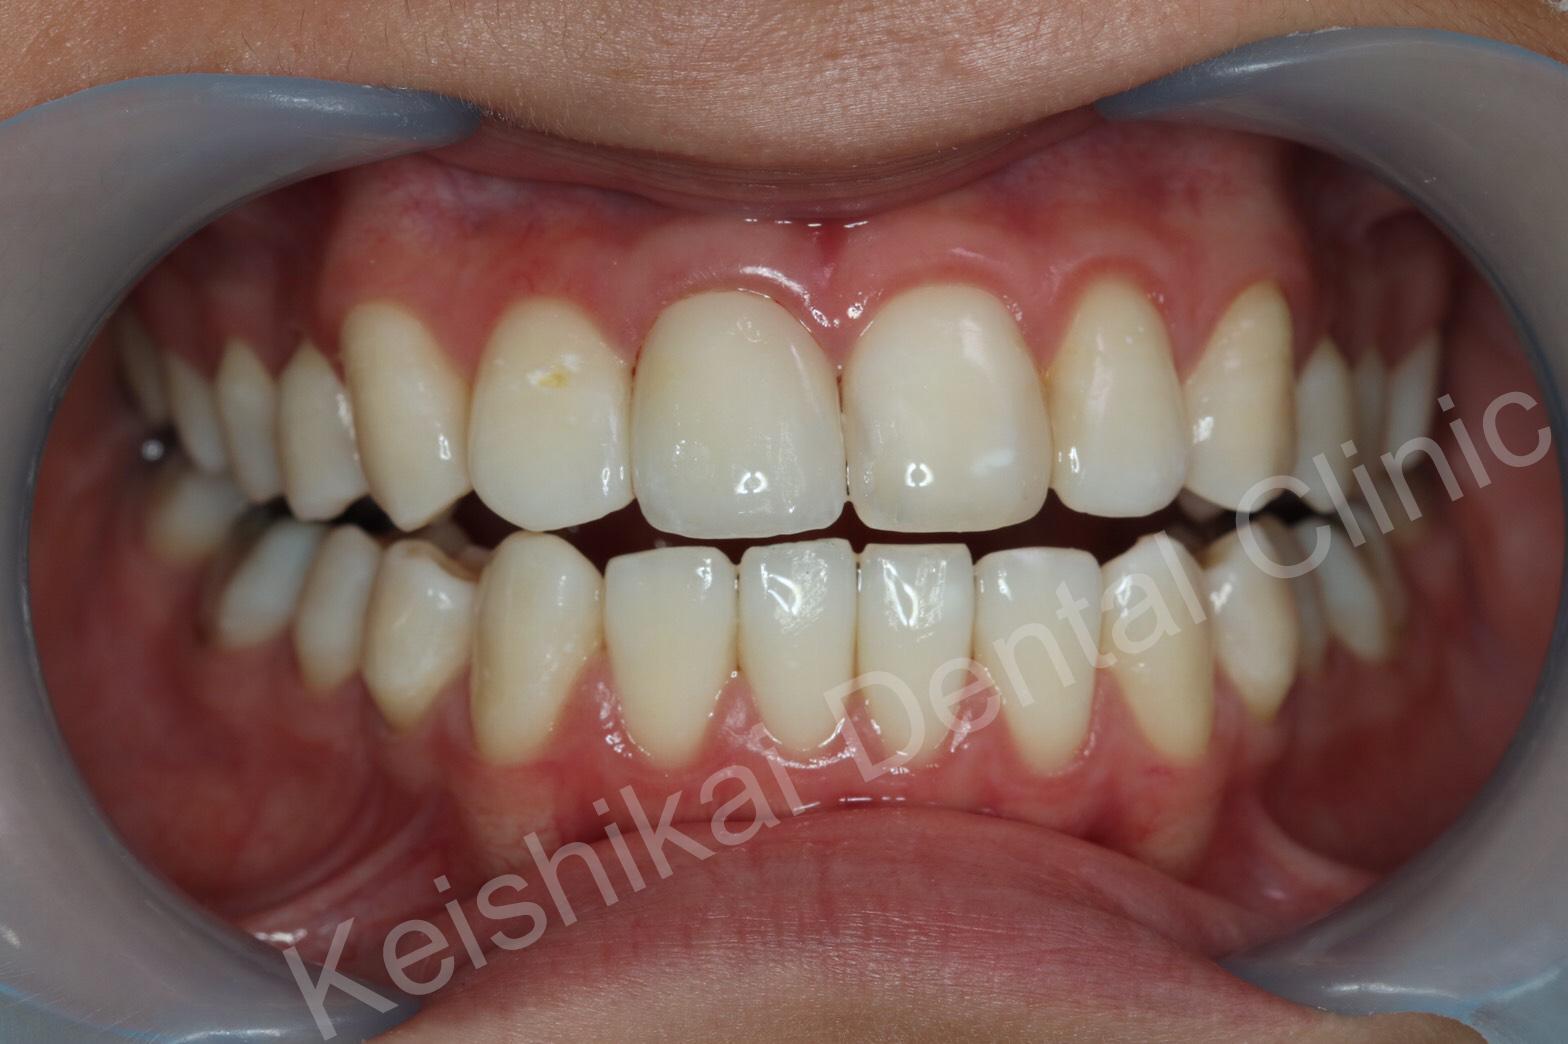 รักษารากฟันแล้วเปลี่ยนสี(Root canal treatment)ฟอกสีฟัน(bleaching)All ceramic crown (7)